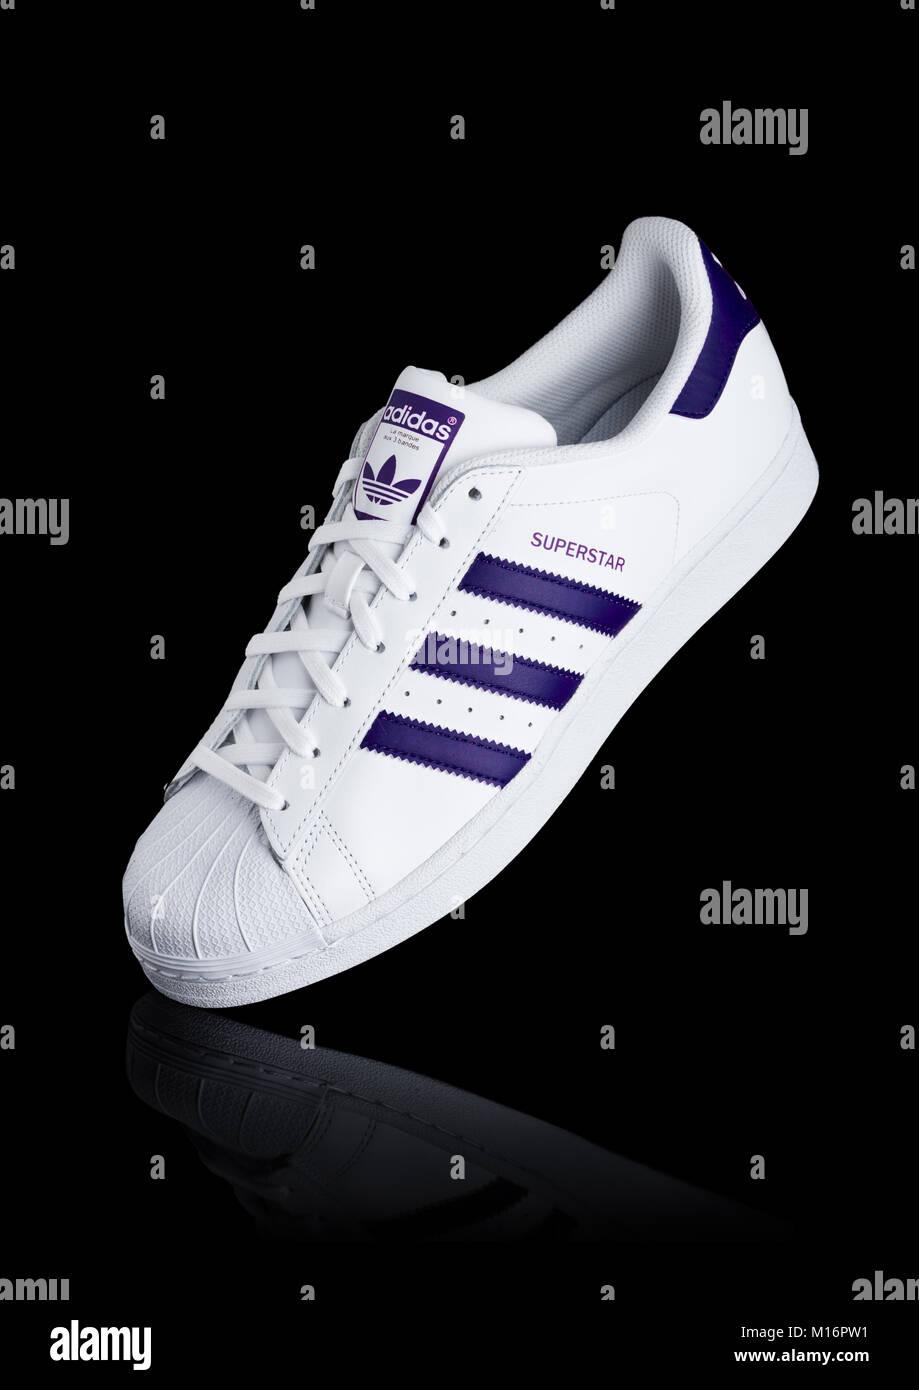 2018 Enero Originales Adidas De 24 Reino Unido Londres 8zxwq6AA